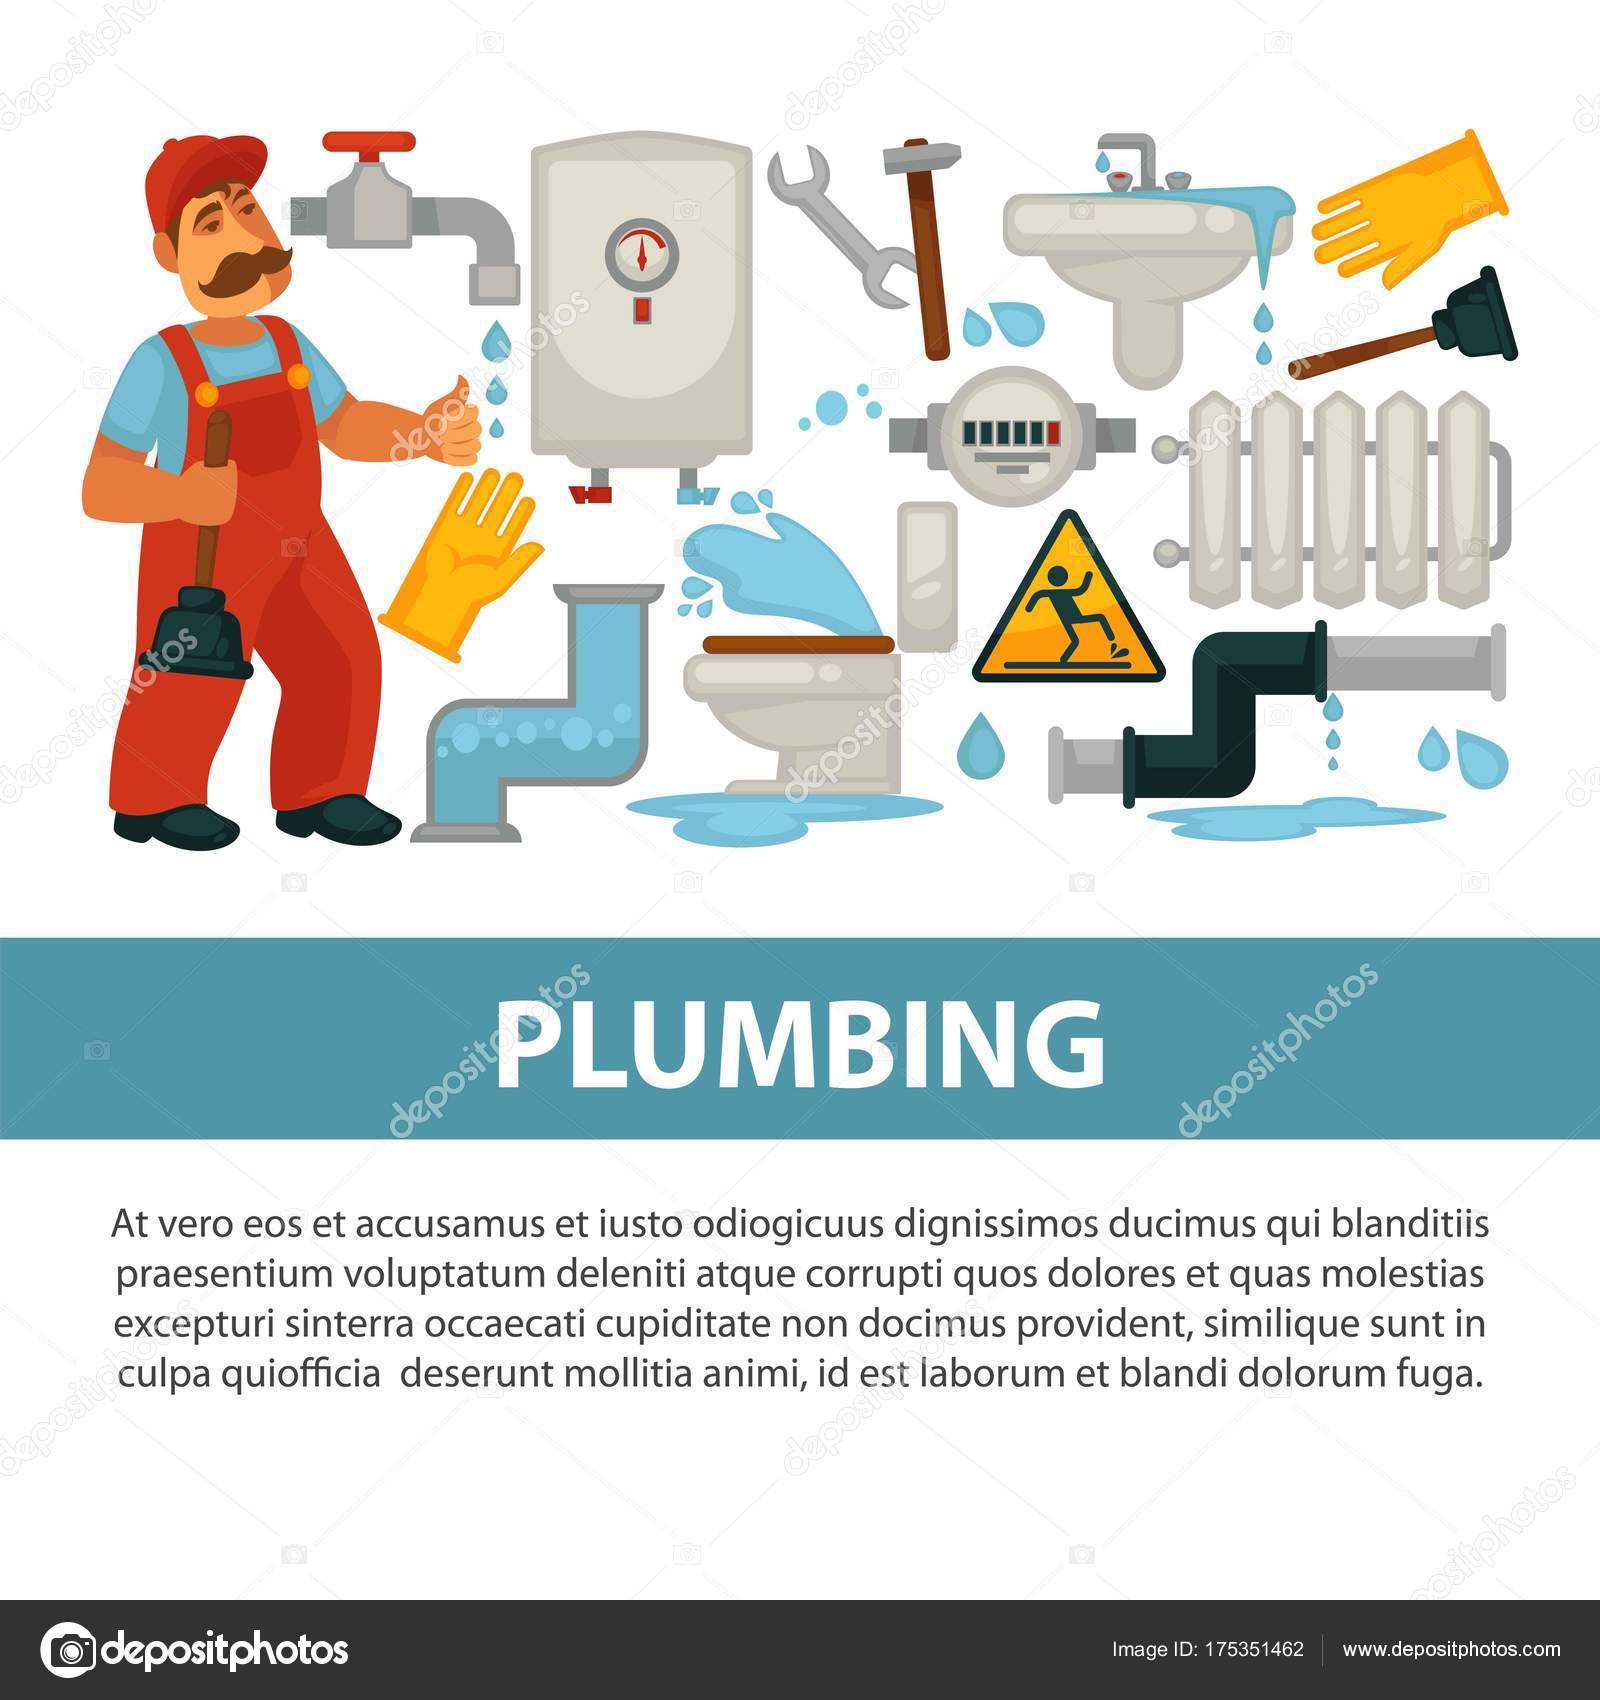 Cartel herramientas trabajo fontanero casa plomer a - Herramientas de fontanero ...